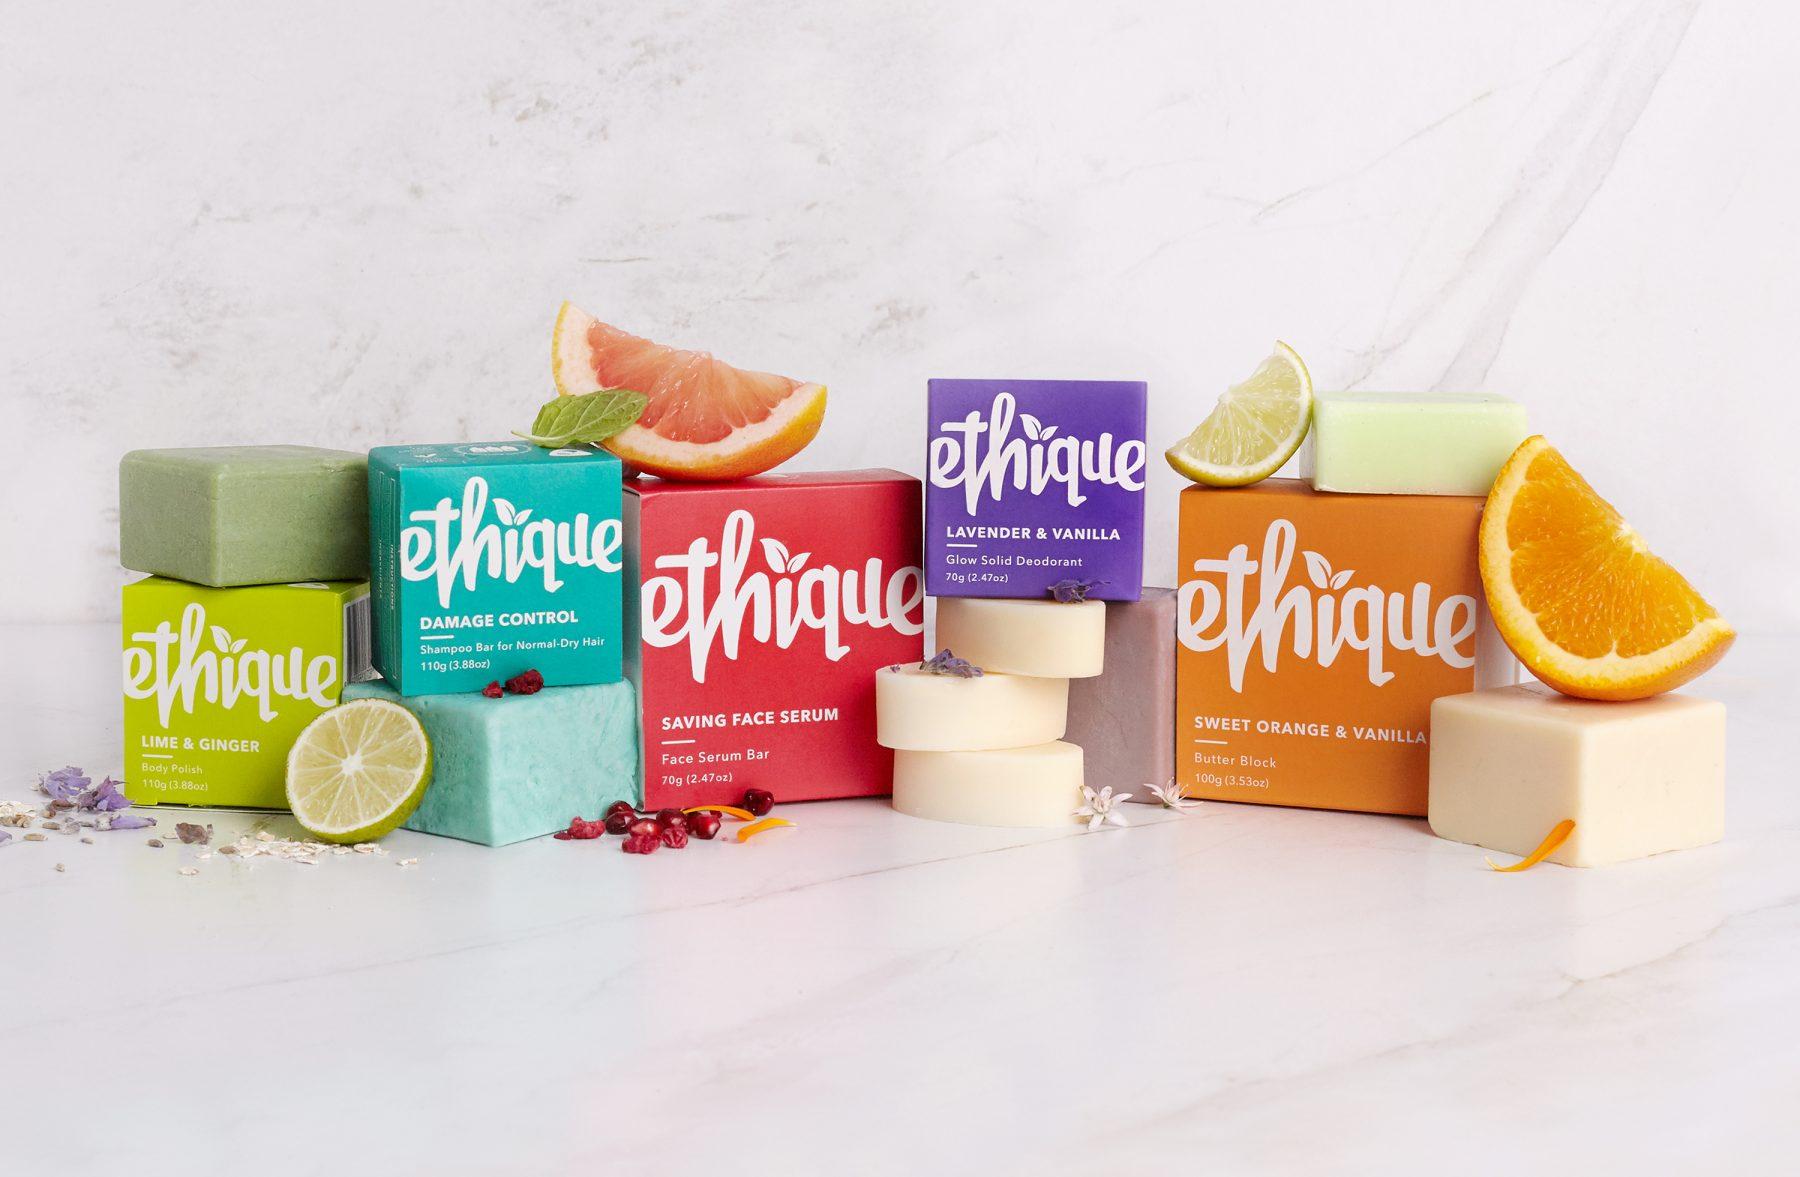 Ethique Shampoo Bars